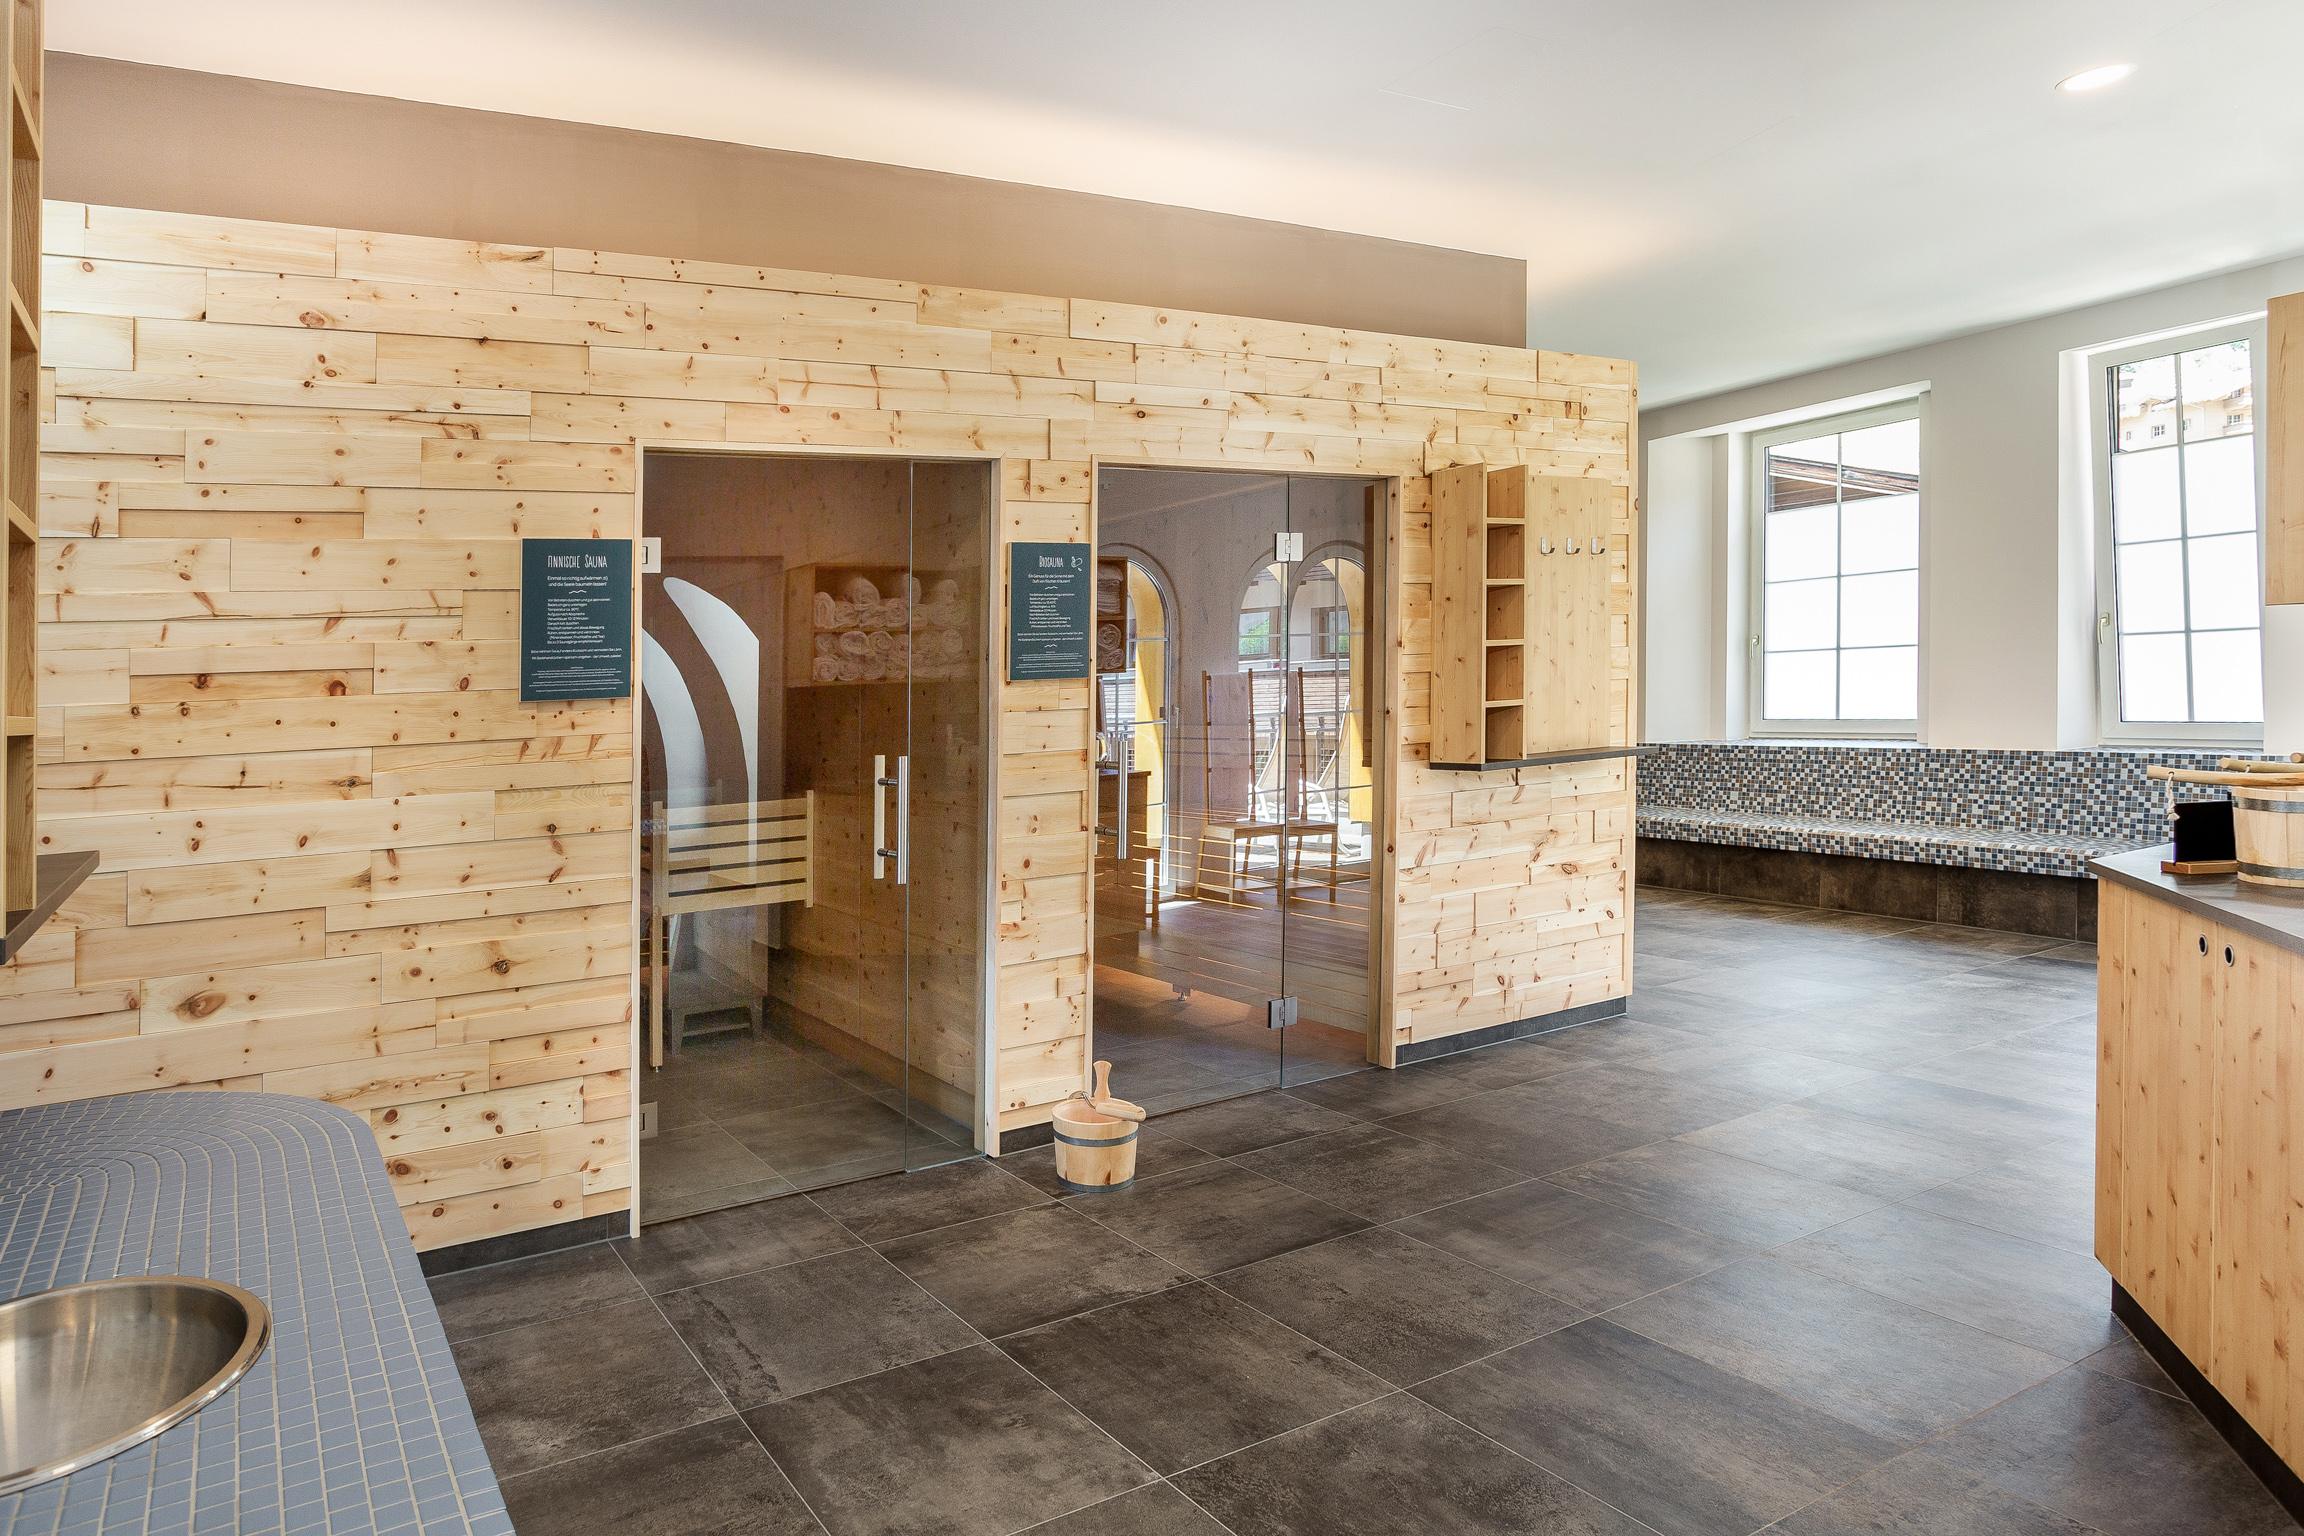 Sie sehen den Saunenbereich im JUFA Alpenhotel Saalbach. Der Ort für erholsamen Familienurlaub und einen unvergesslichen Winter- und Wanderurlaub.